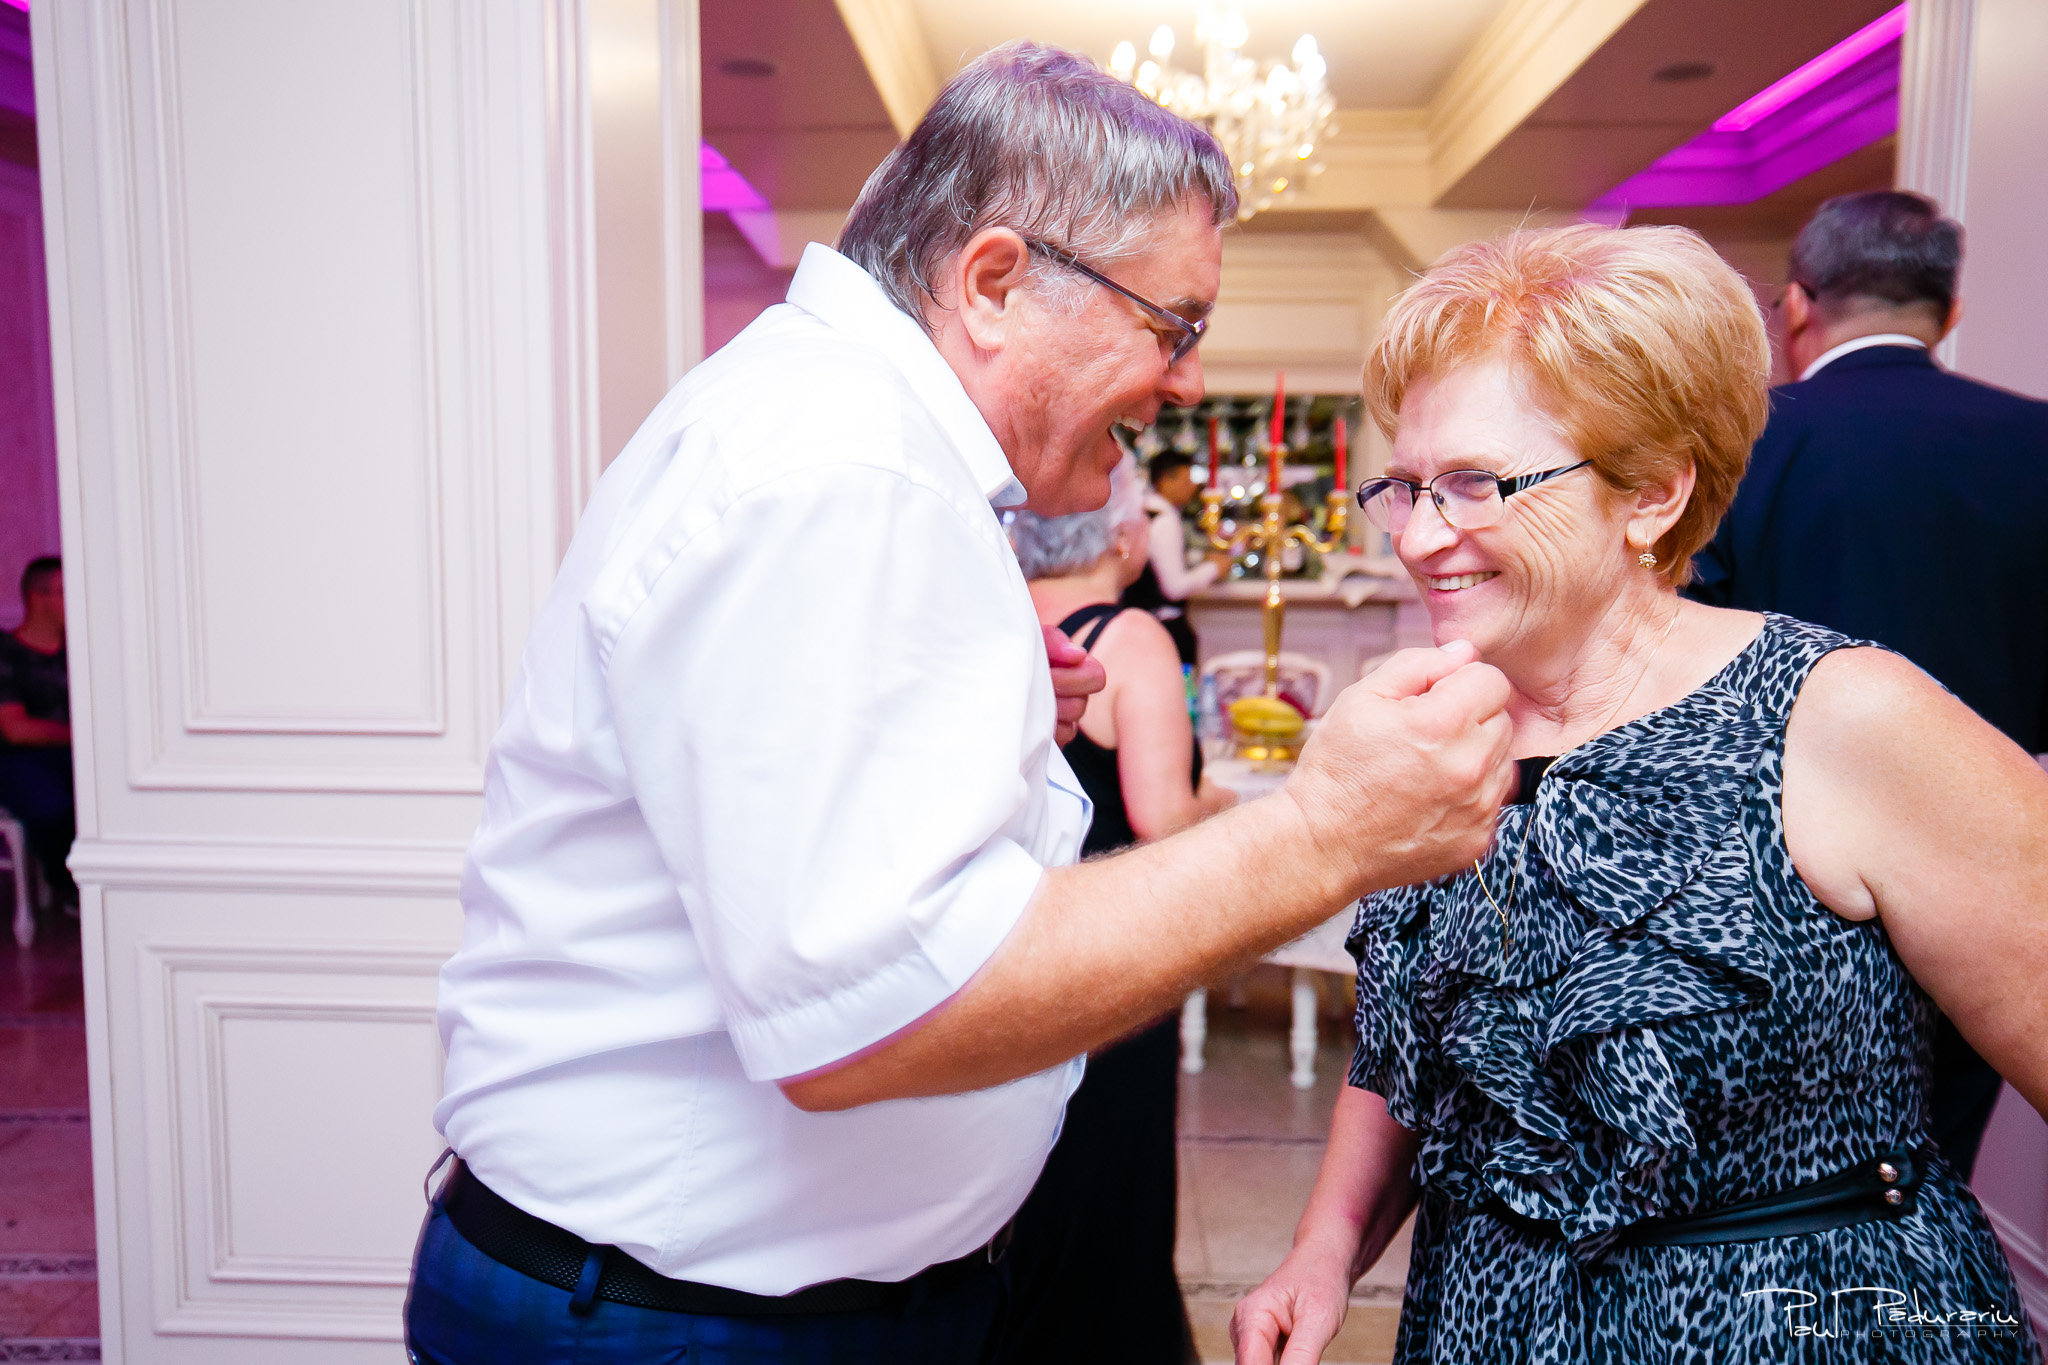 Roxana si Silviu Nunta Hotel Eden petrecere fotograf profesionist iasi www.paulpadurariu.ro © 2017 Paul Padurariu moment dans